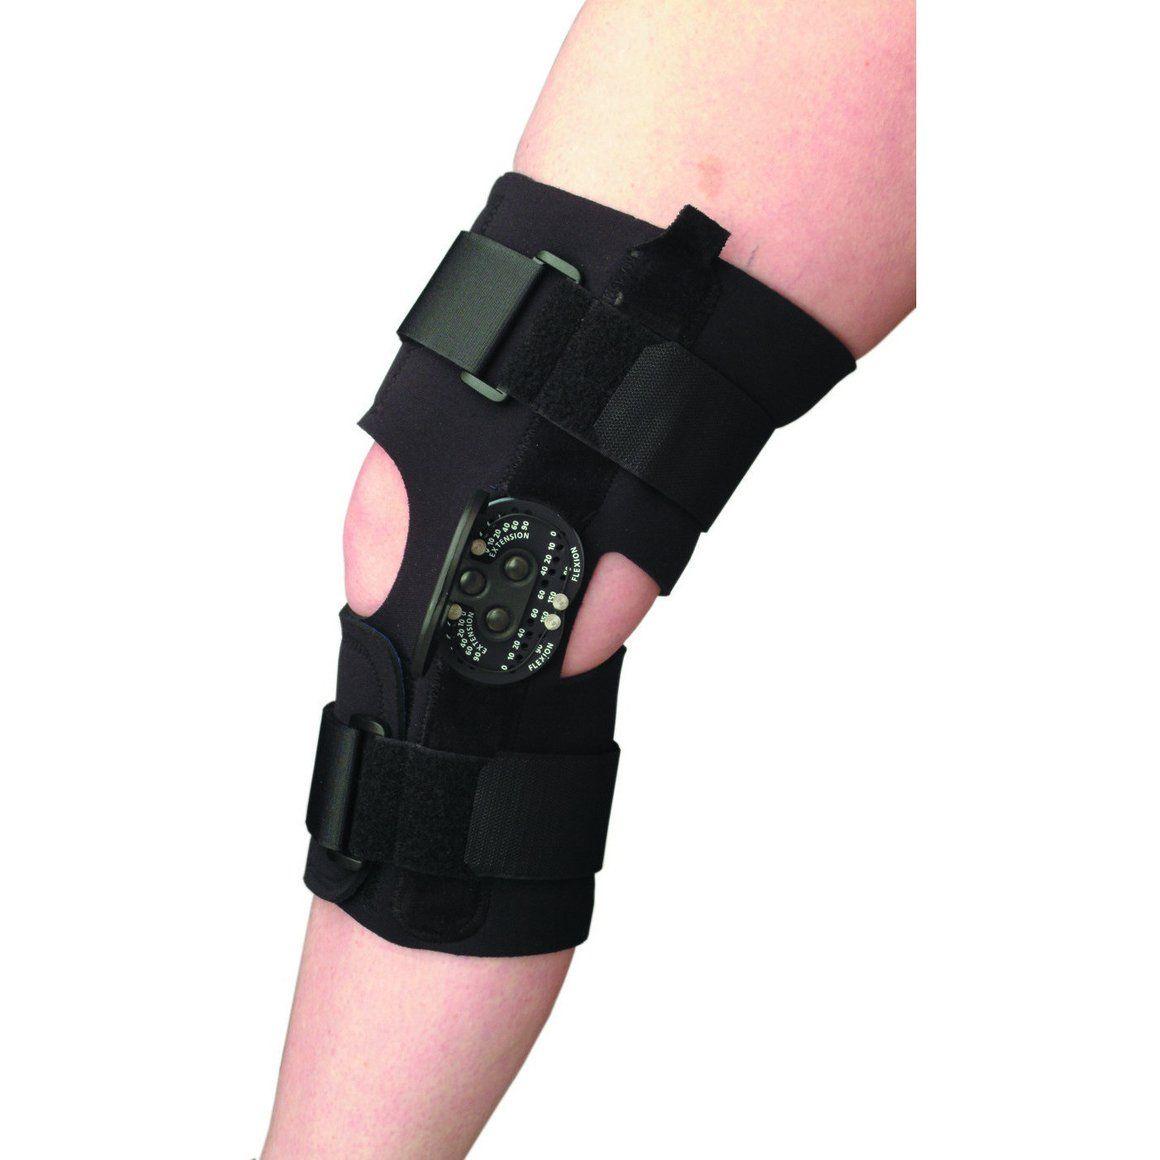 KARE MULTIWRAP ROM KNEE BRACE Knee brace, Braces, Knee